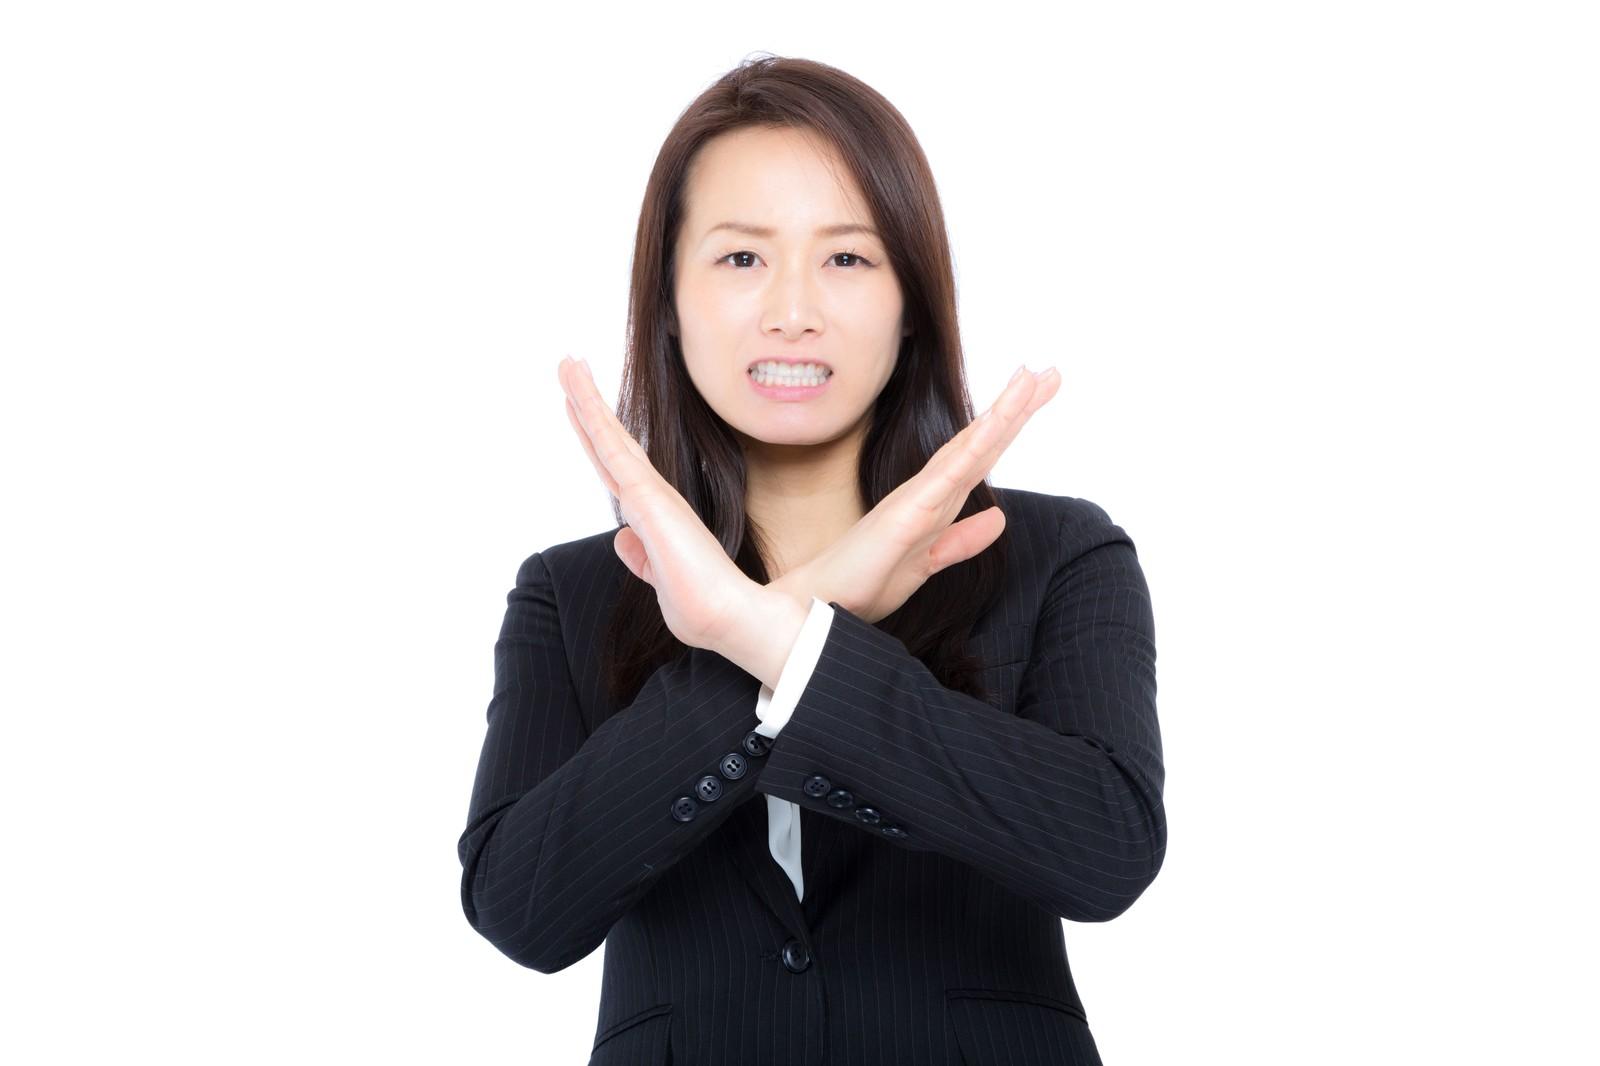 【カラオケ】高い声を単音で出せるだけじゃ意味ないから!!